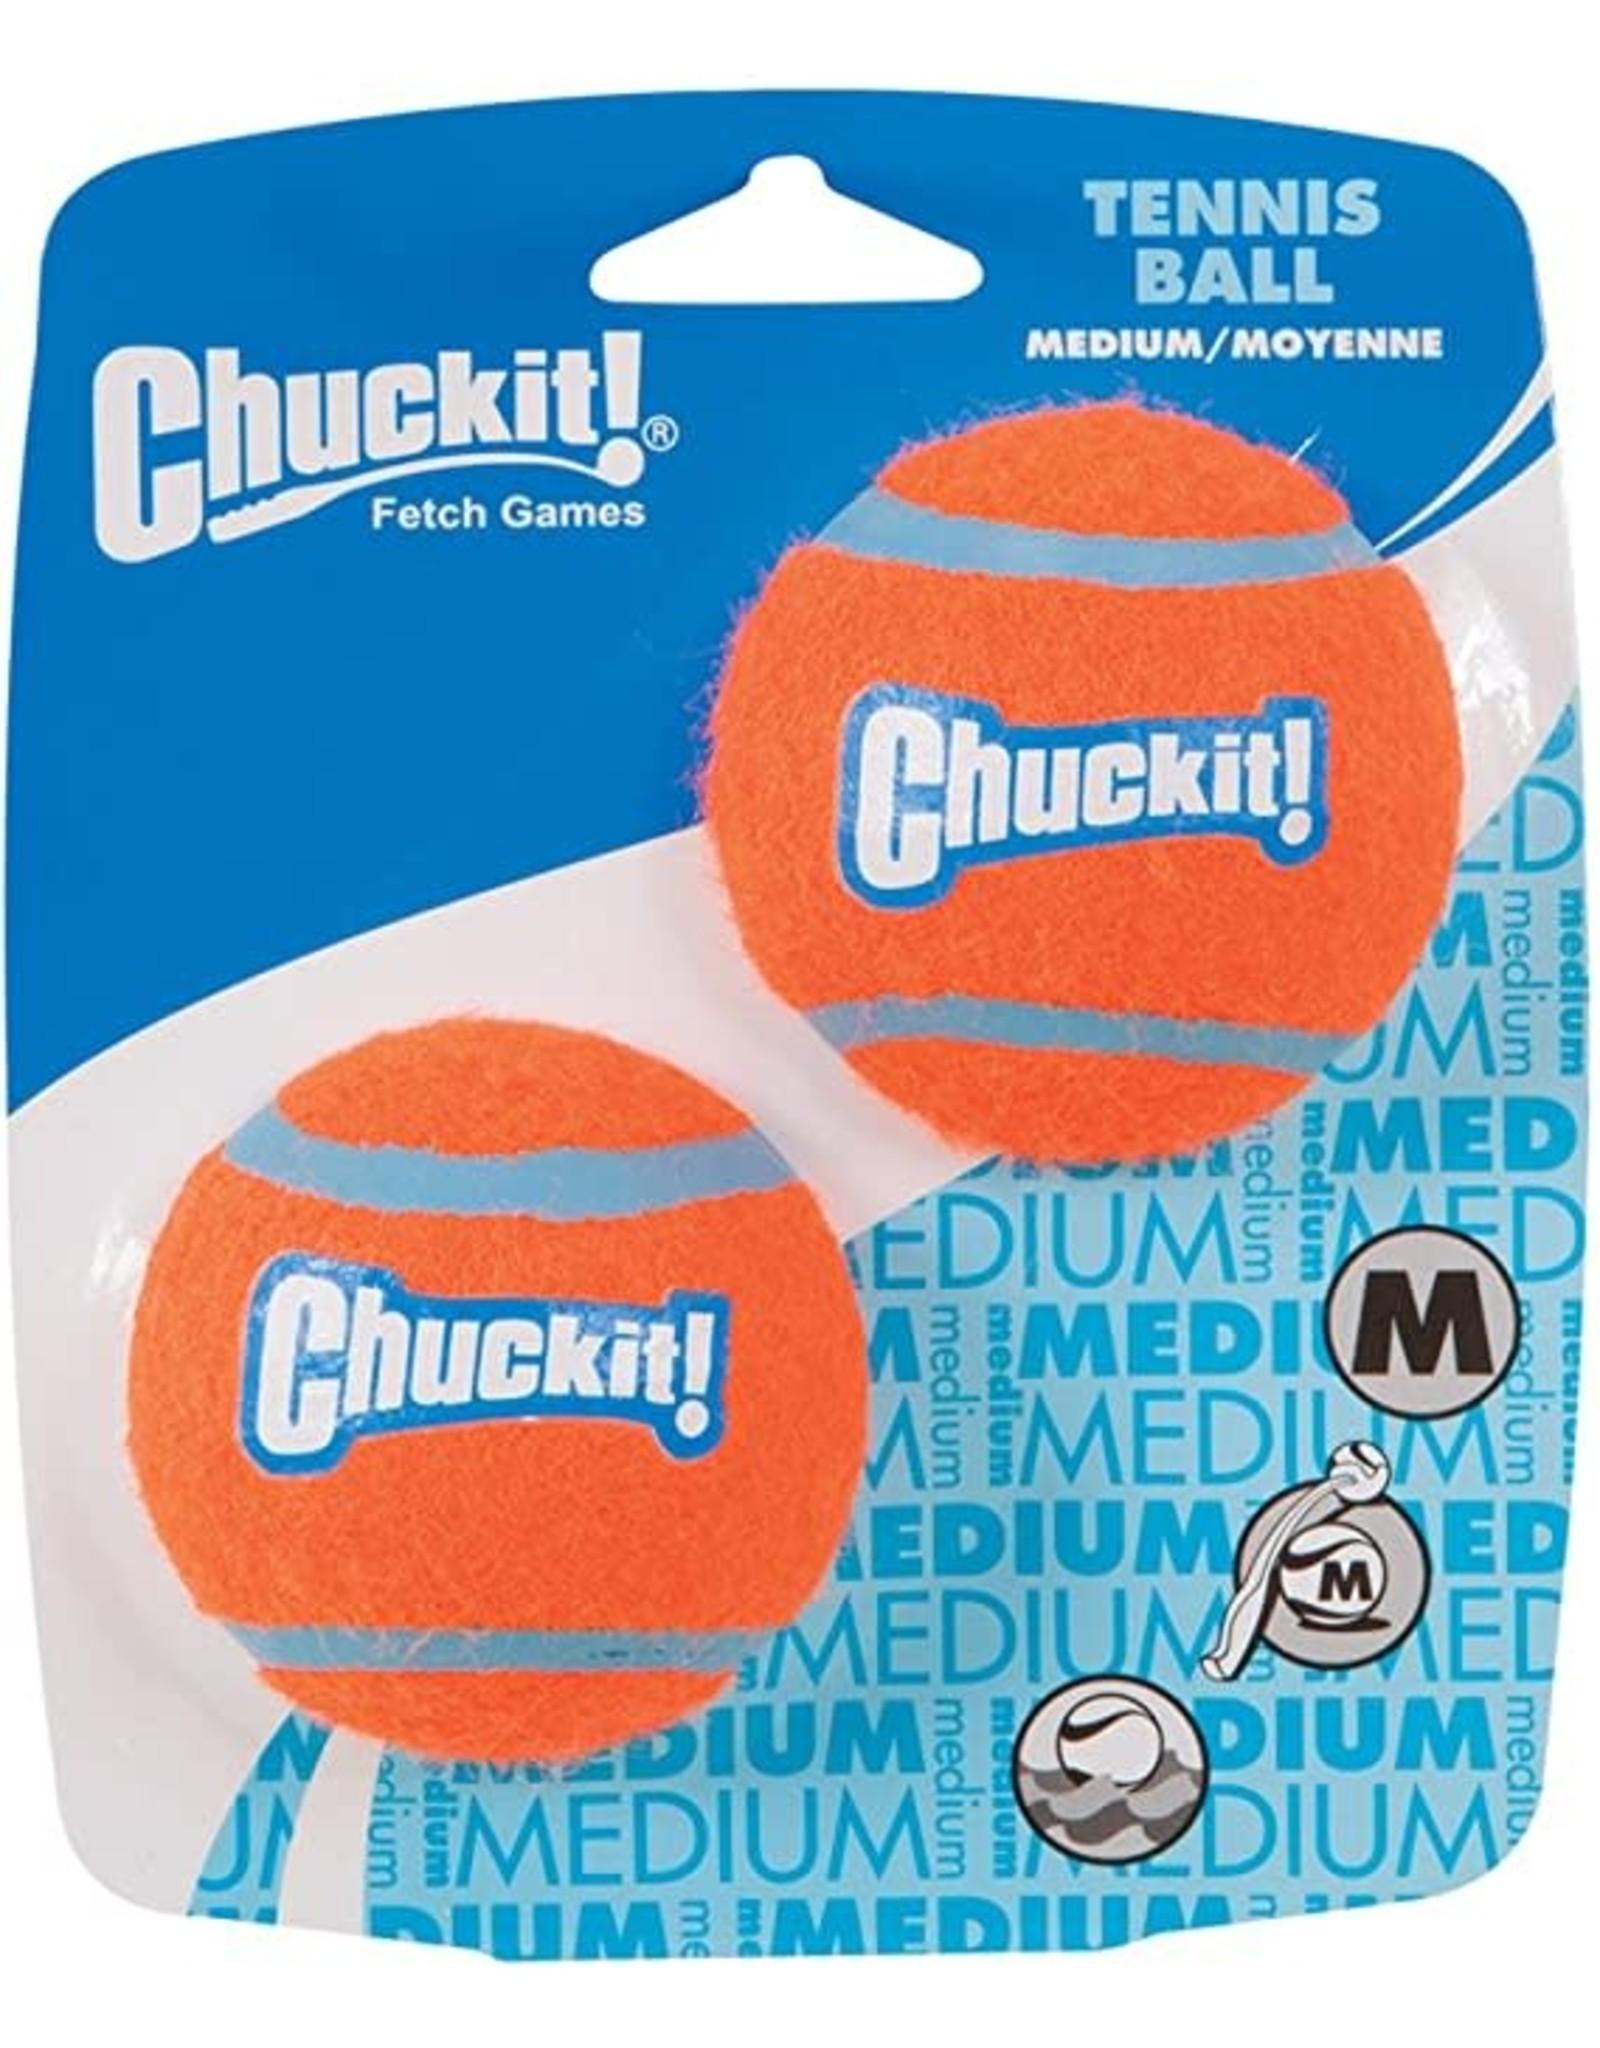 Chuckit! Chuckit!: 2 pack ball, M